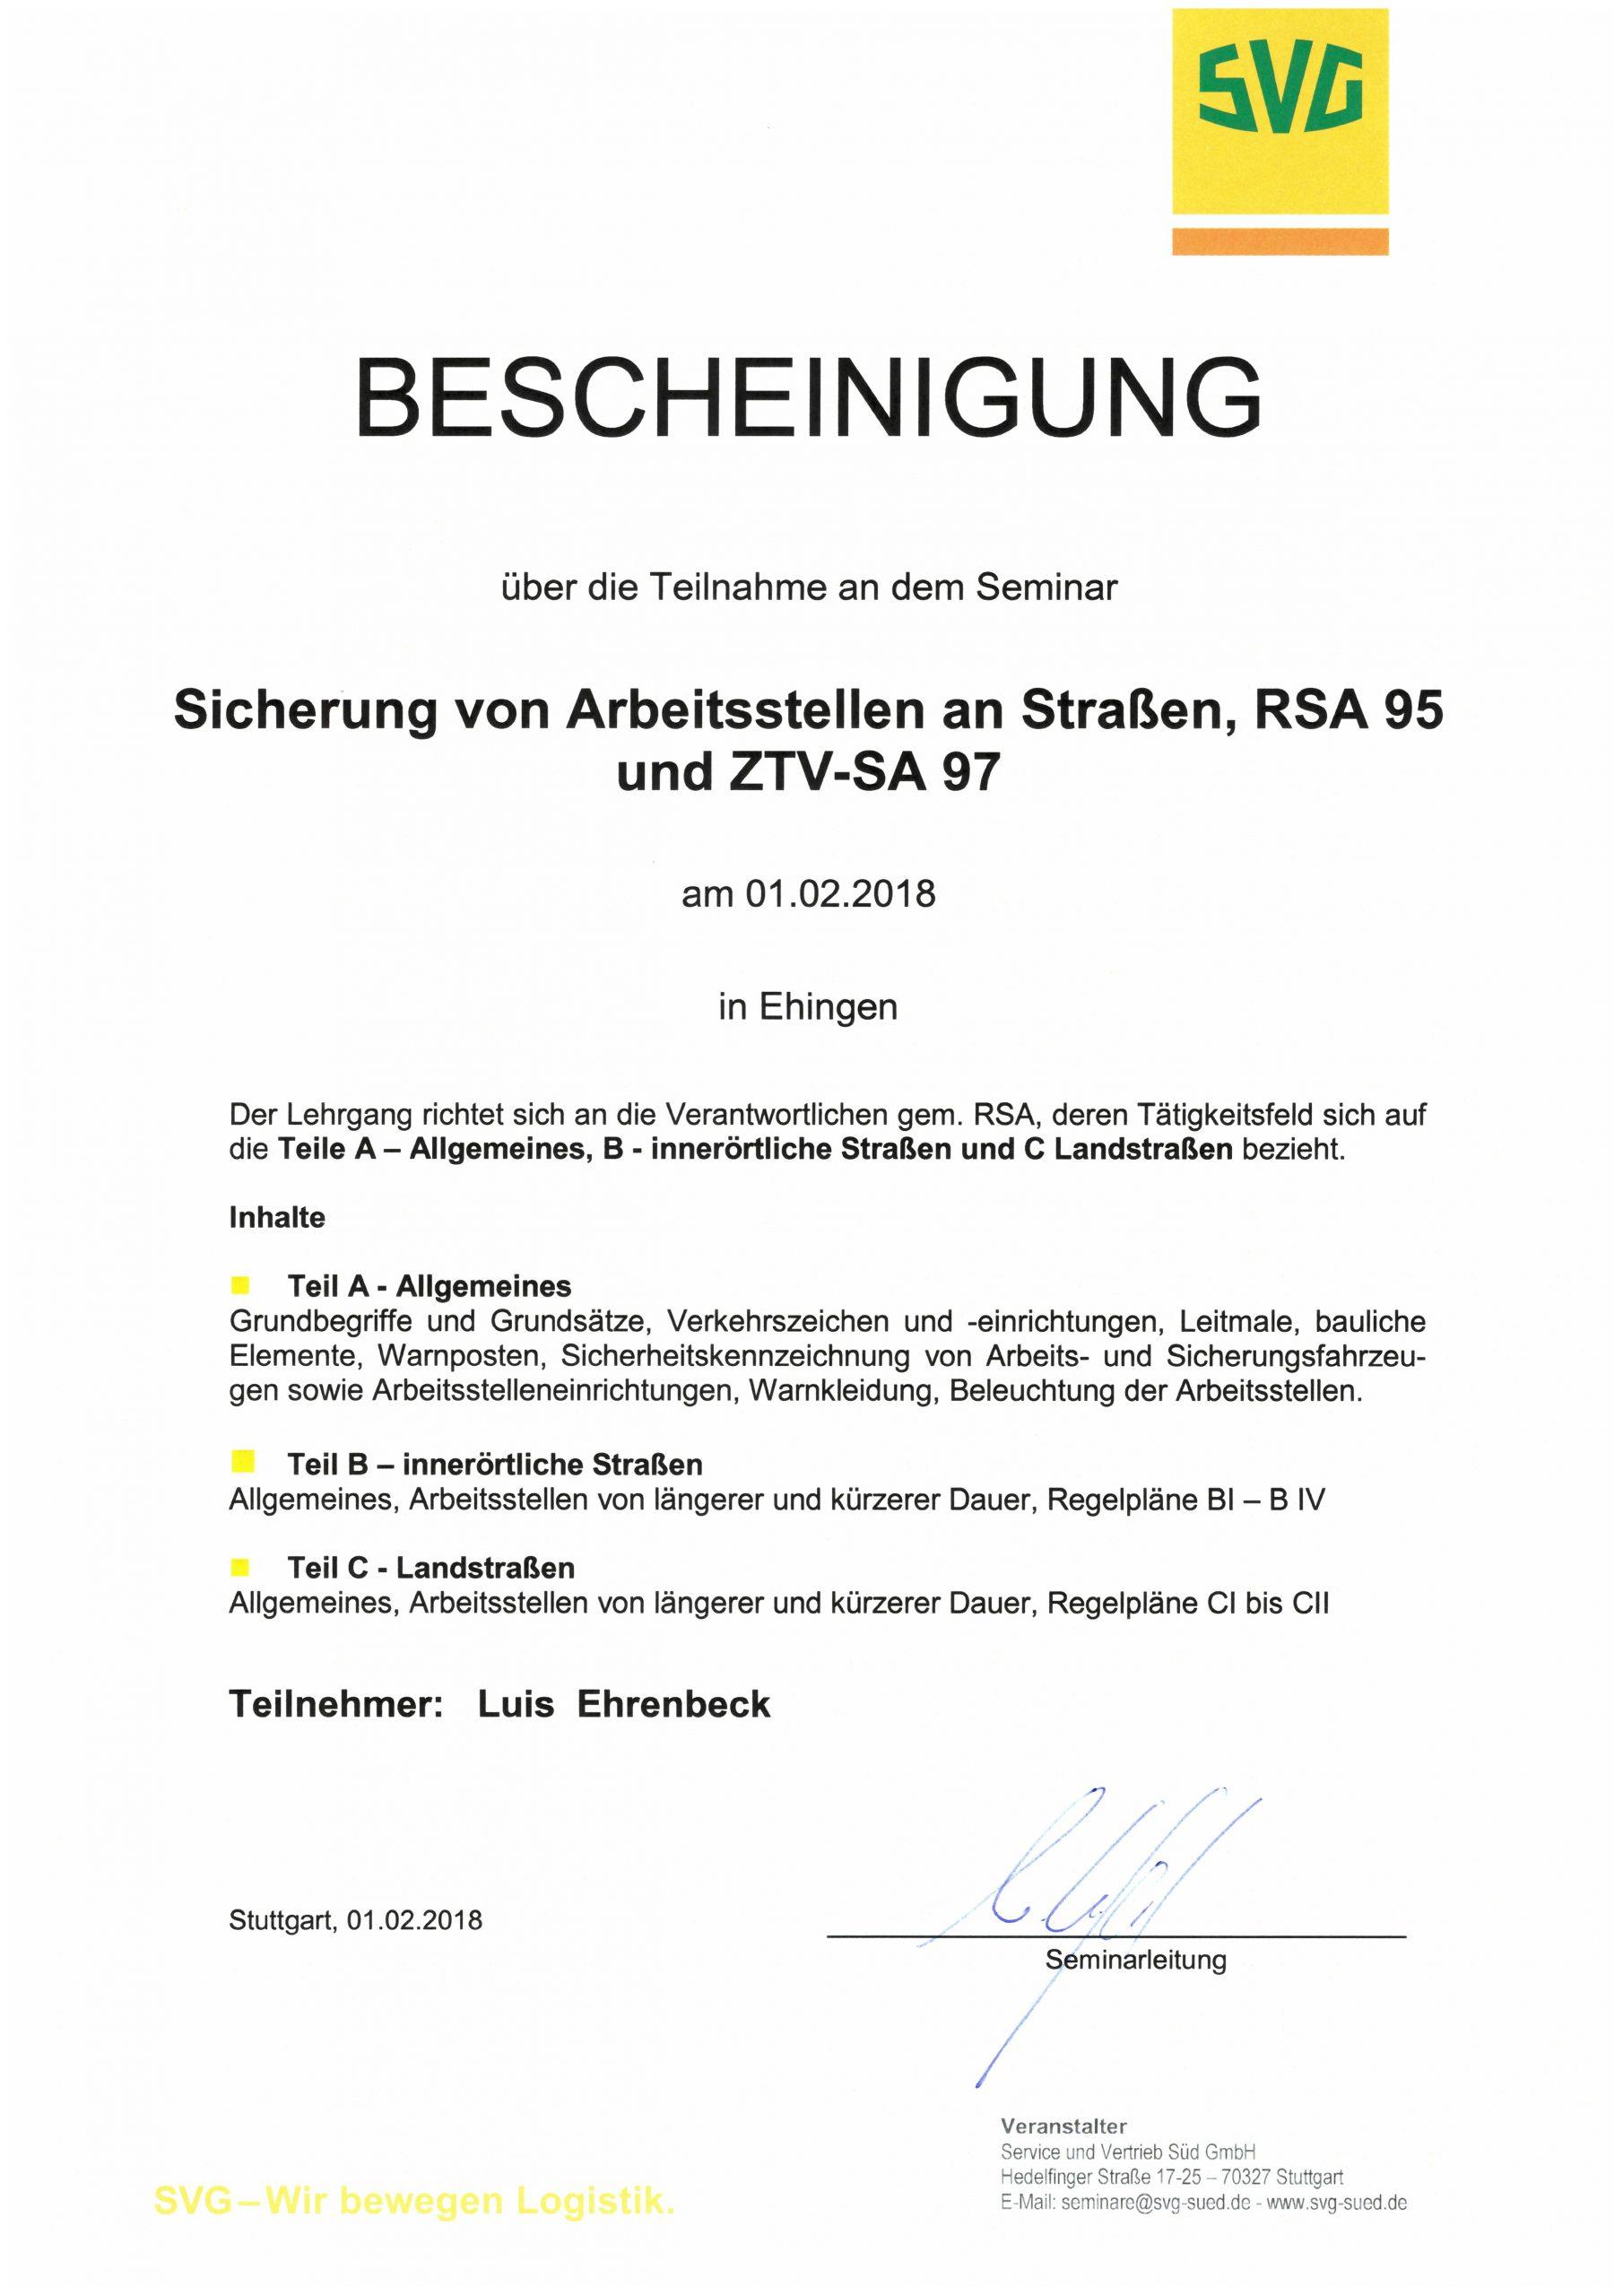 Seminarbescheinigung zur Sicherung von Arbeitsstellen an Straßen - Ehrenbeck